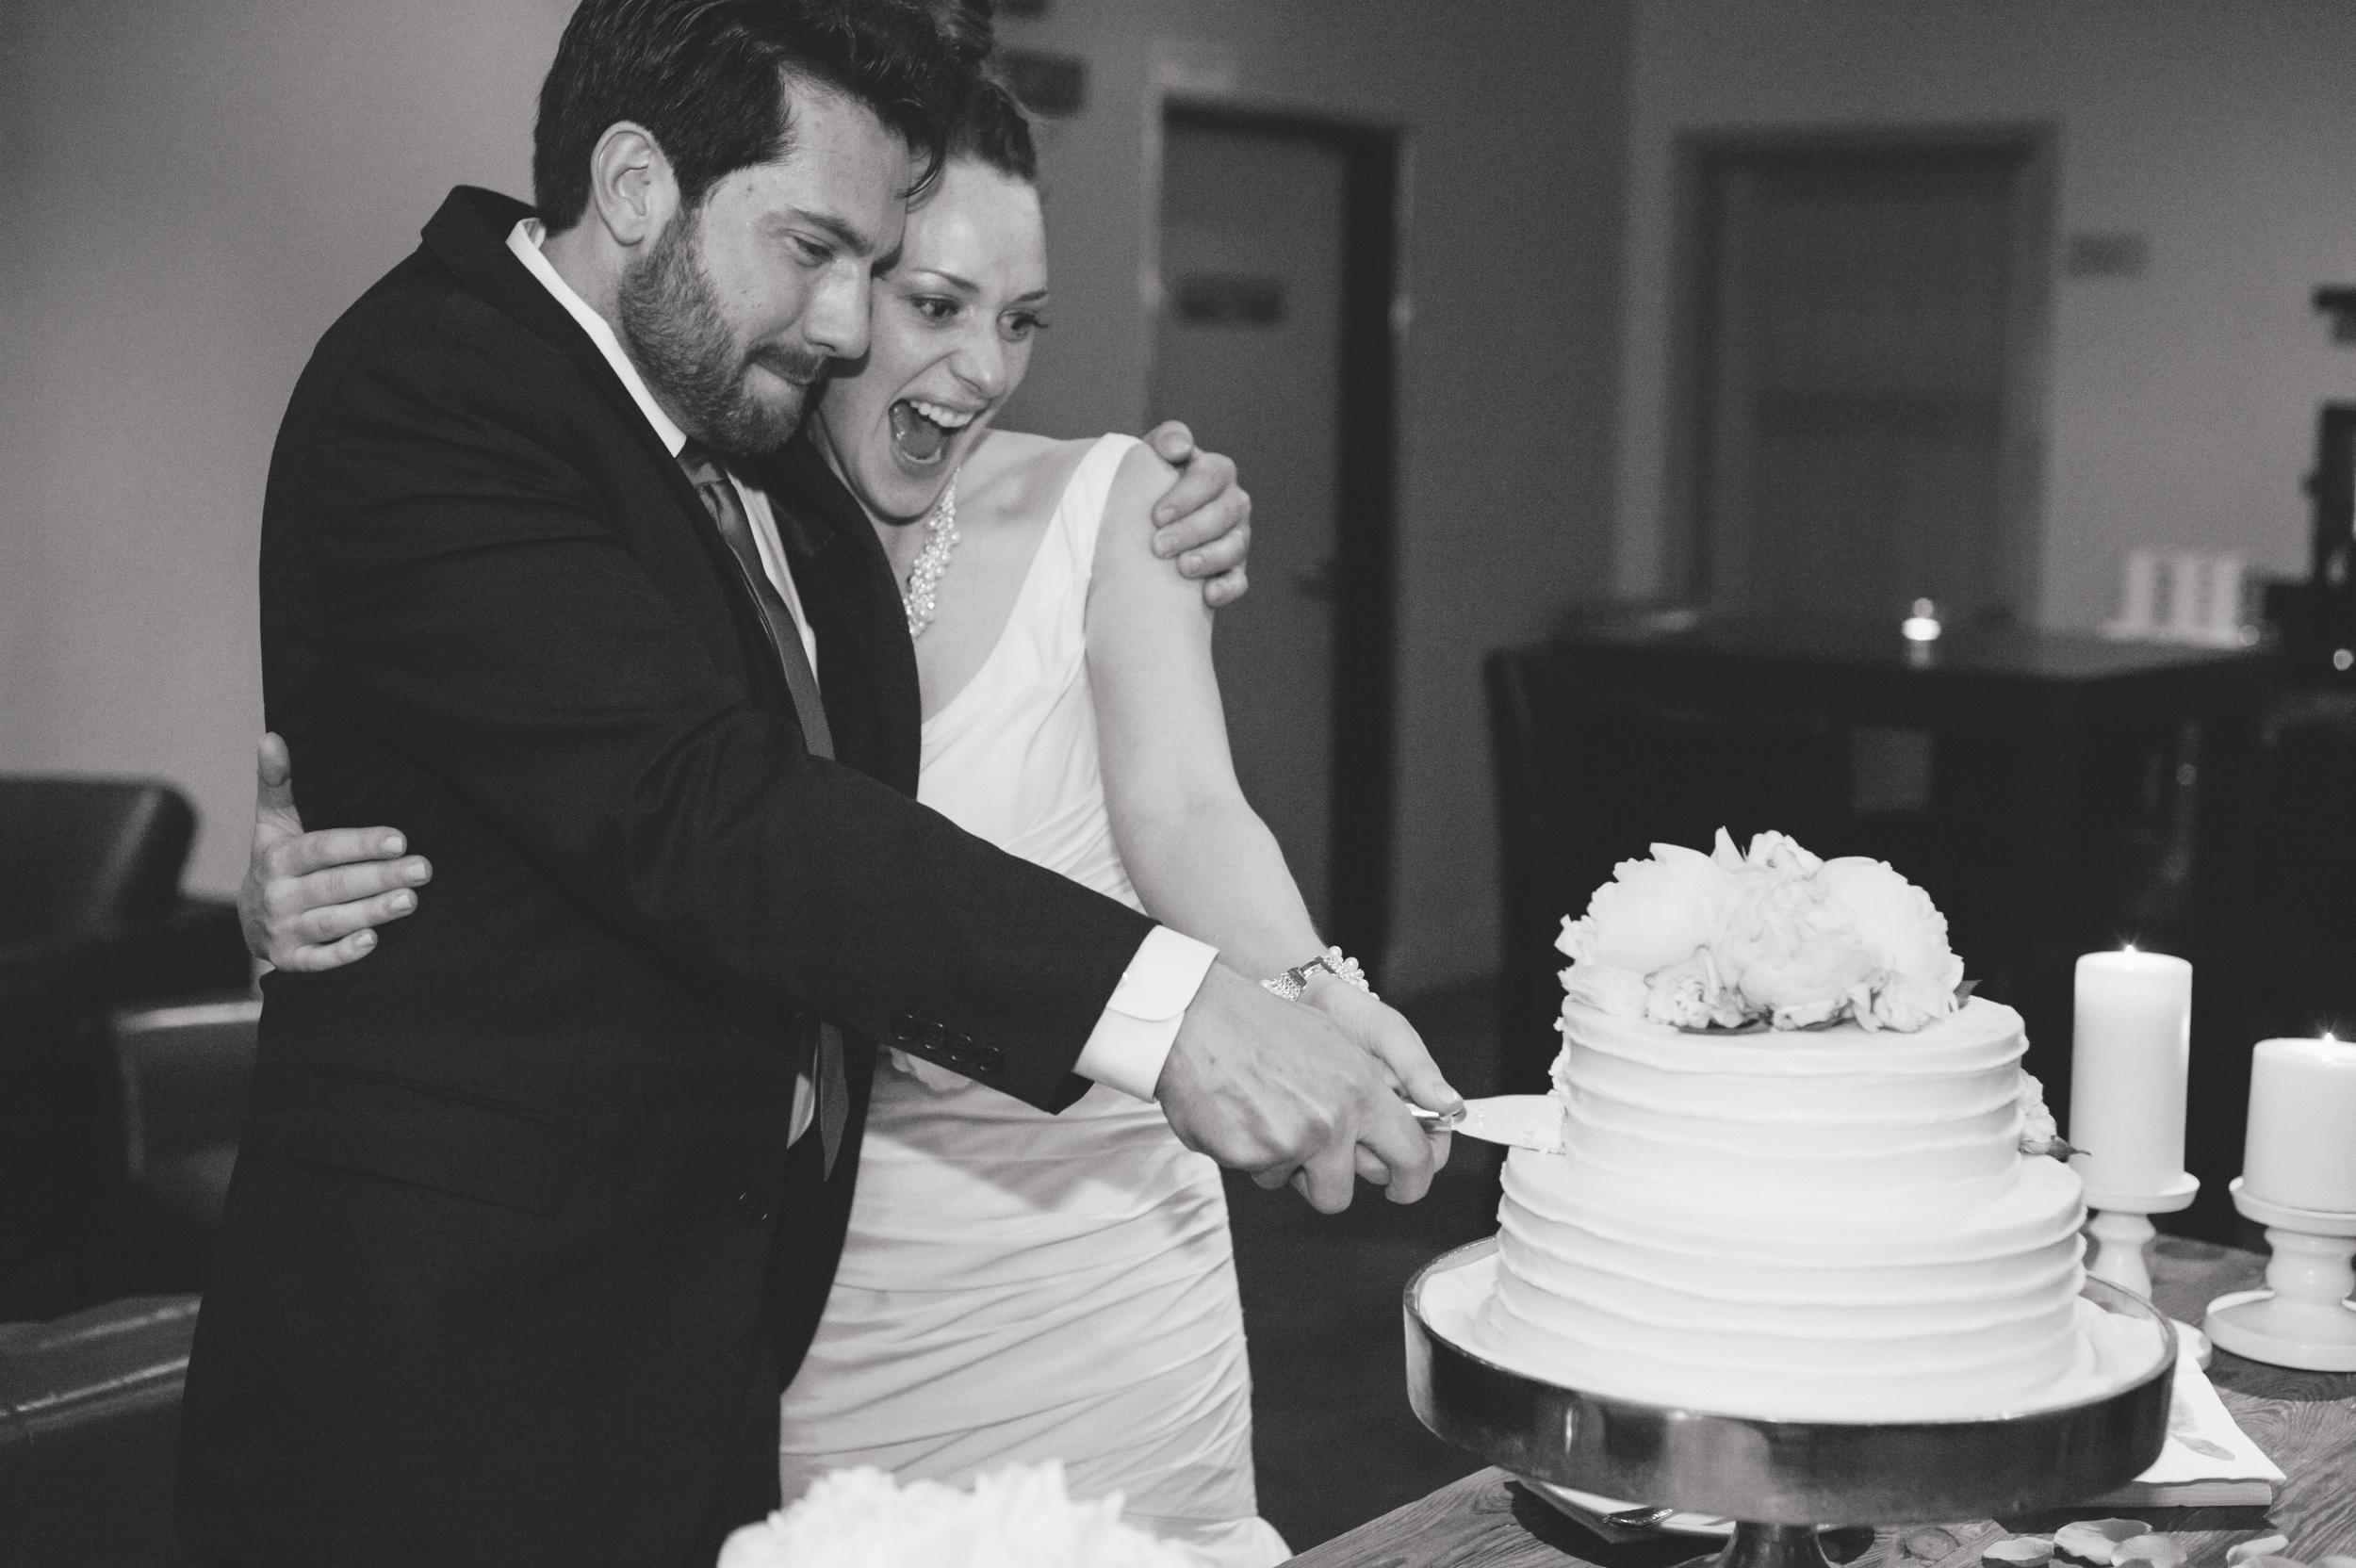 Andrew and Kristen-347.jpg